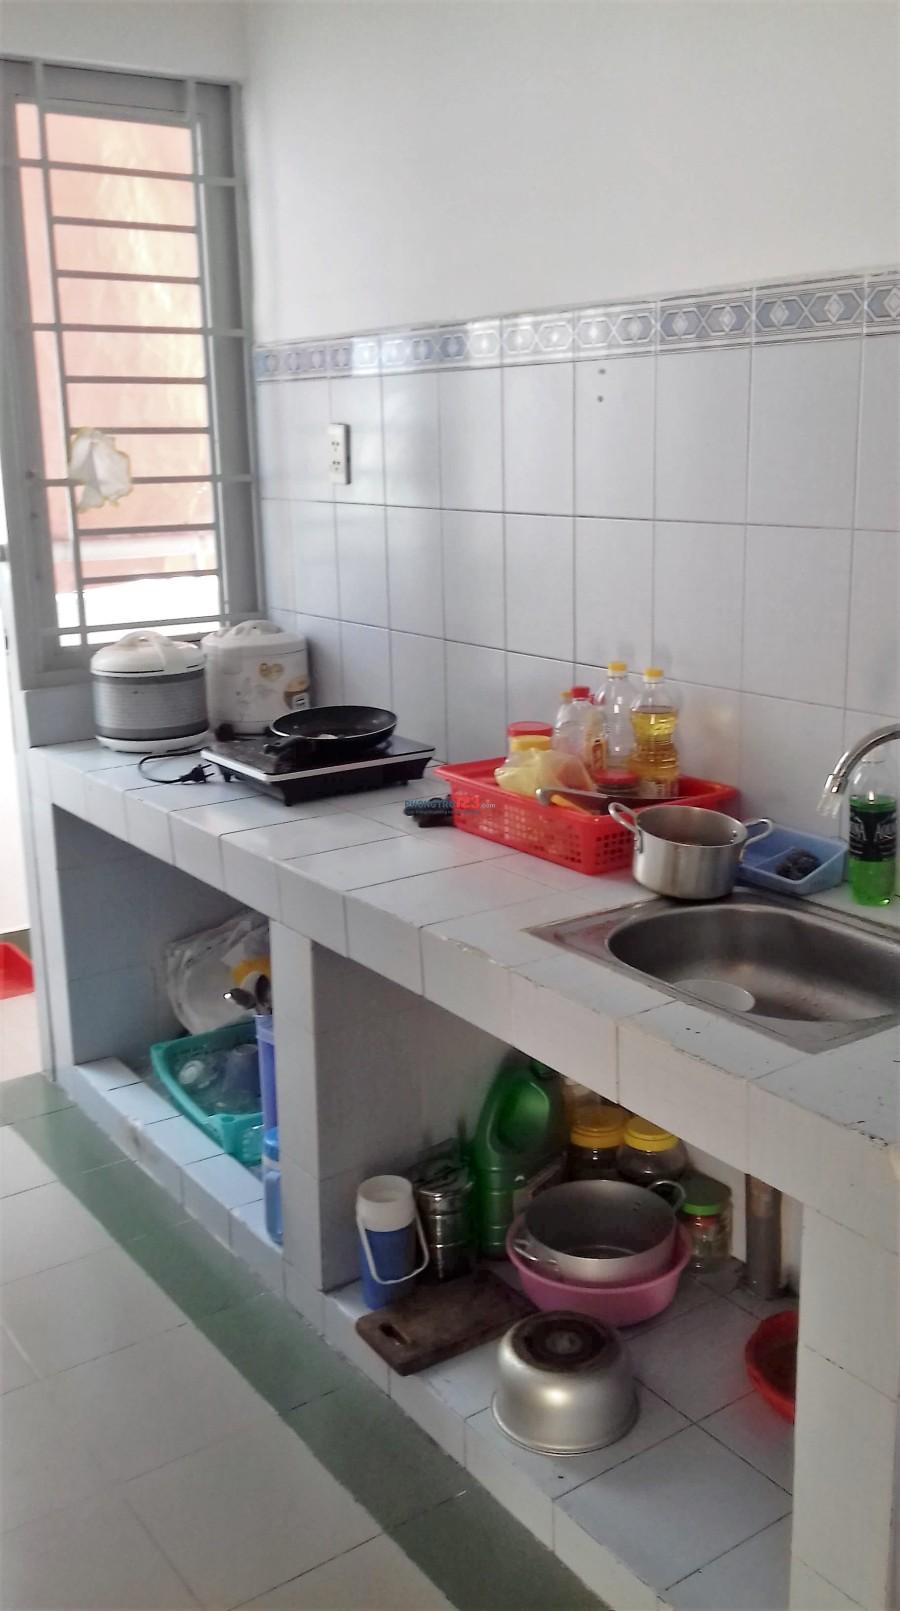 Cần tìm 1 nữ ở ghép tại chung cư Phú Thọ